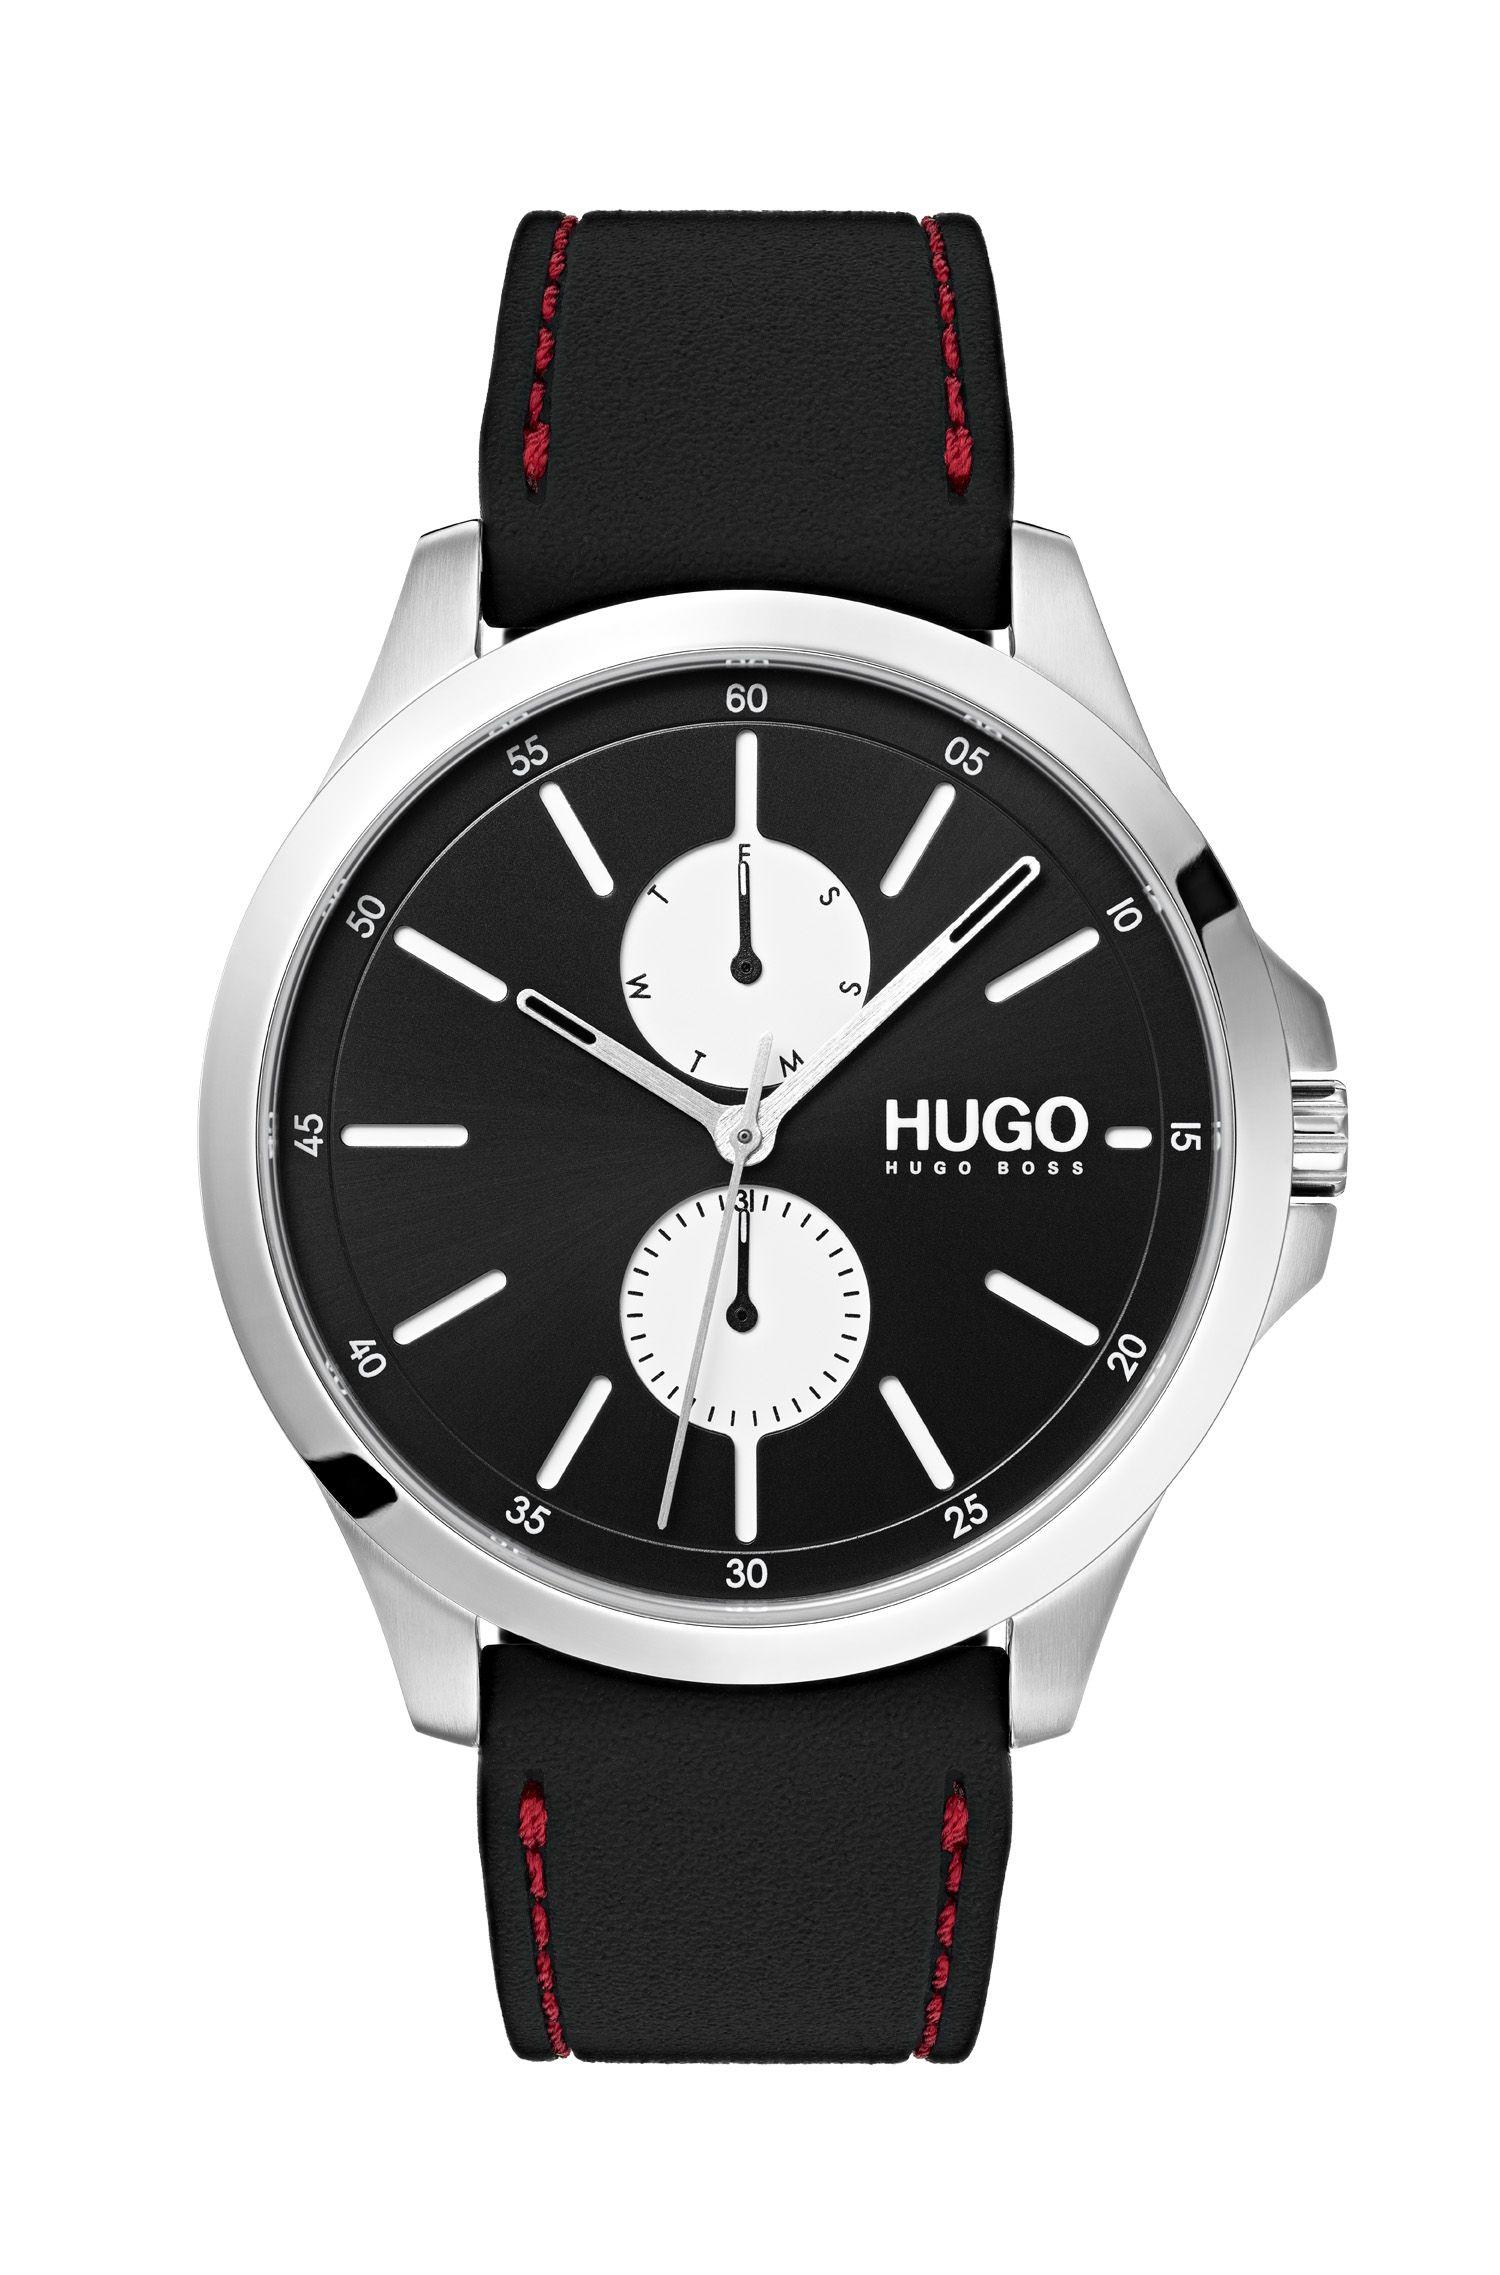 Reloj cronógrafo en acero inoxidable con correa de goma cosida, Negro